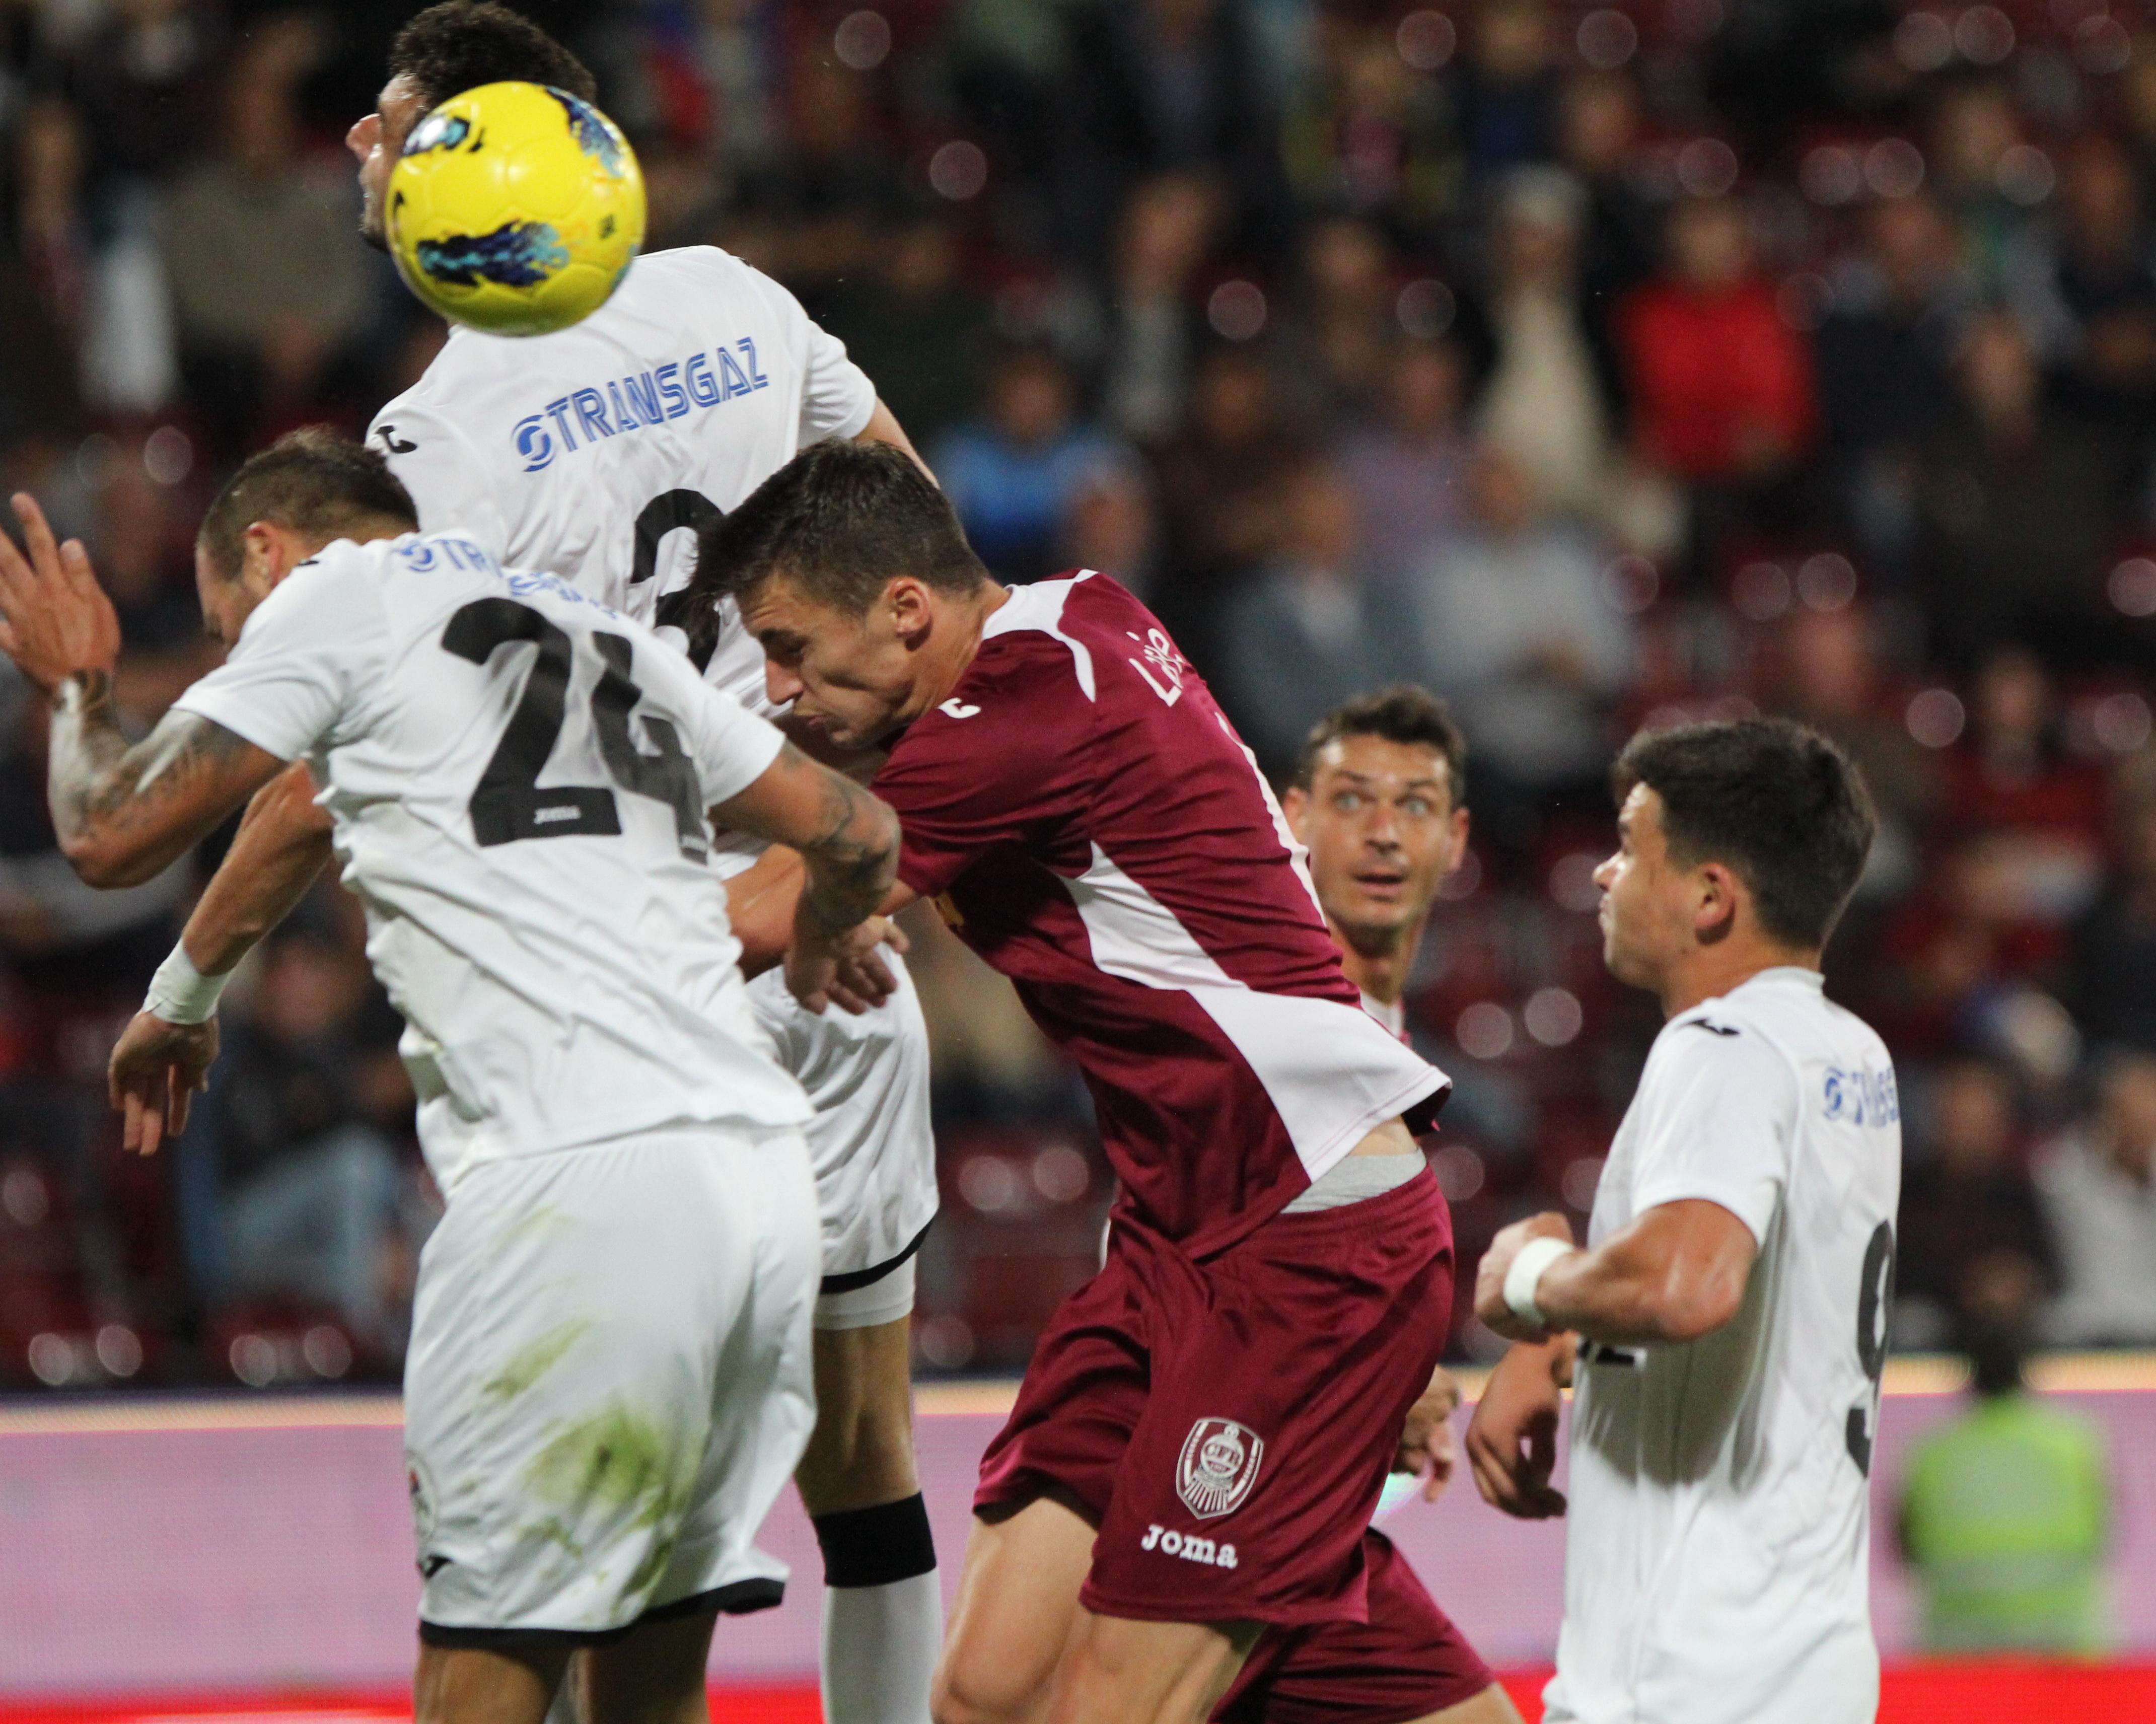 Larie a marcat pentru CFR din penalty, dar nu a putut evita primul eşec ar vişiniilor în actualul campionat (1-2) cu CSMS Iaşi / Foto: Dano Bodea